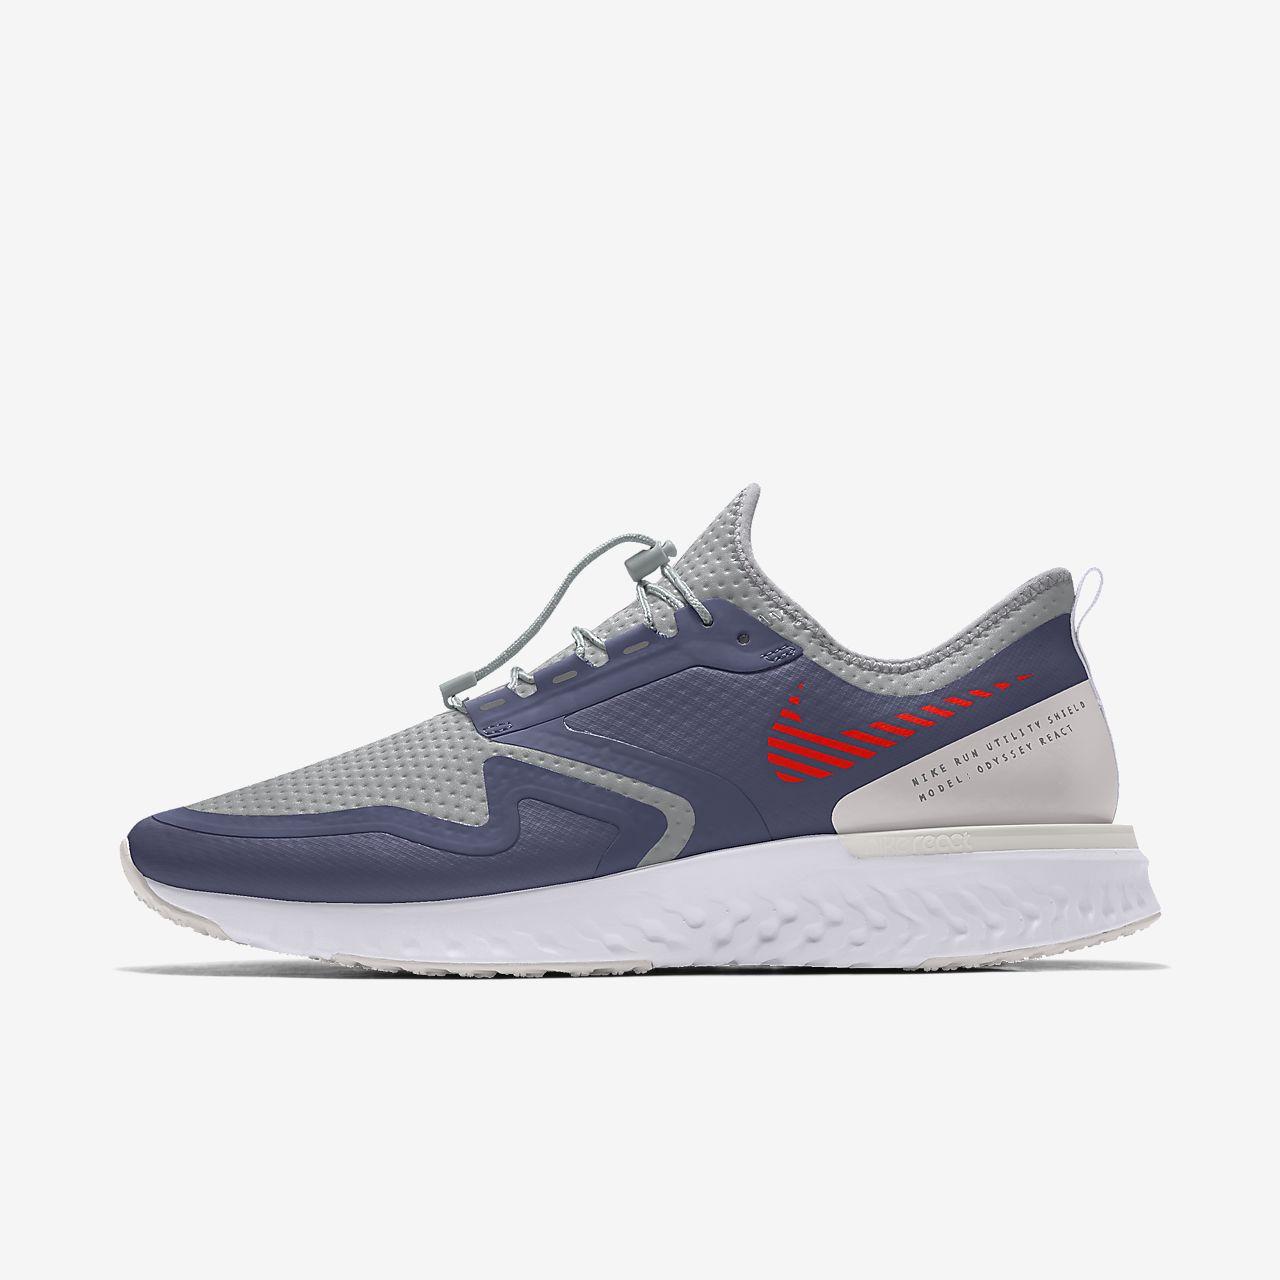 Nike Odyssey React Shield By You Custom Women's Running Shoe